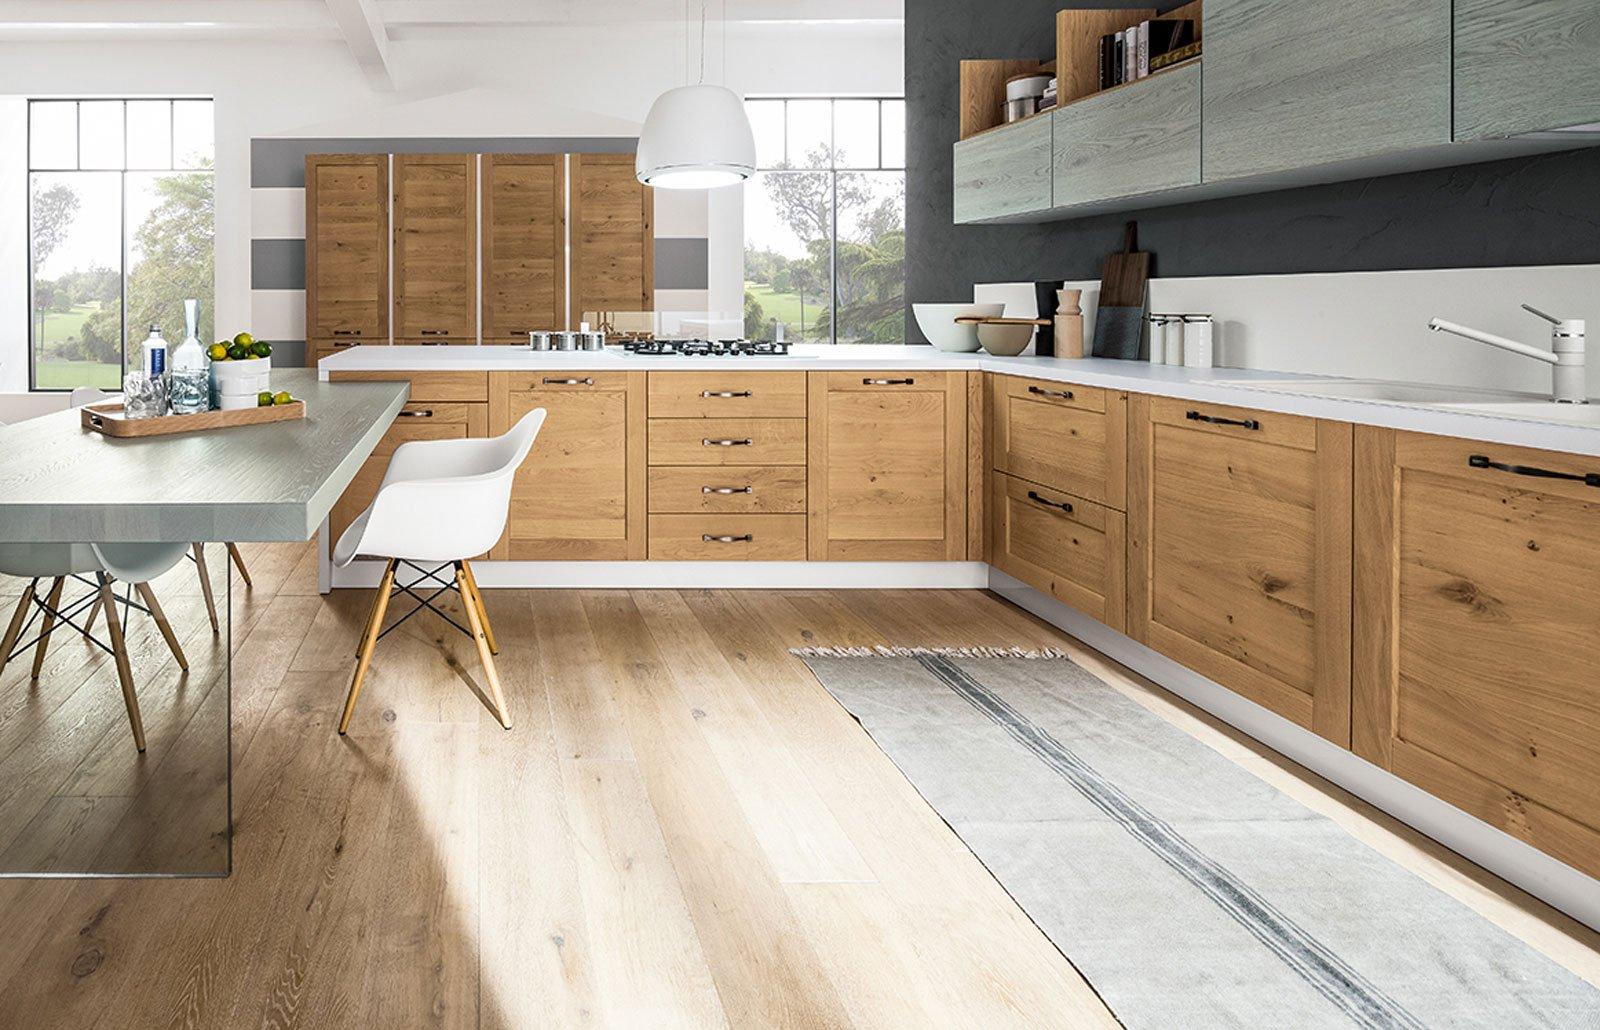 cucina in legno: c'era una volta e ci sarà sempre! - cose di casa - Cucina Rovere Naturale